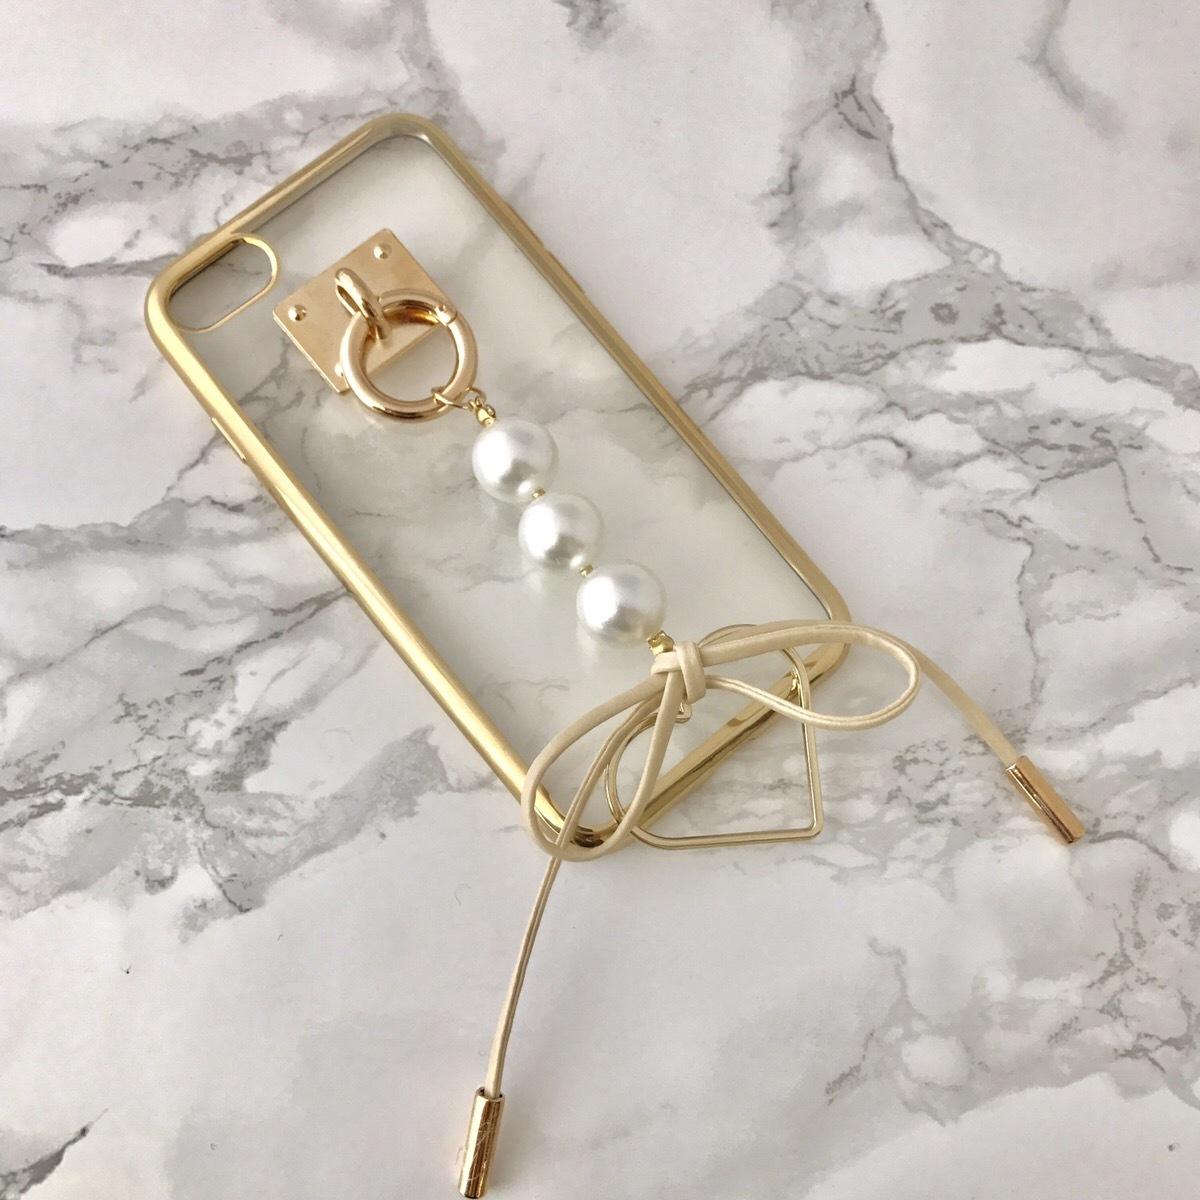 【送料無料】縁ゴールドのソフトケース パール&リボン iPhoneケース